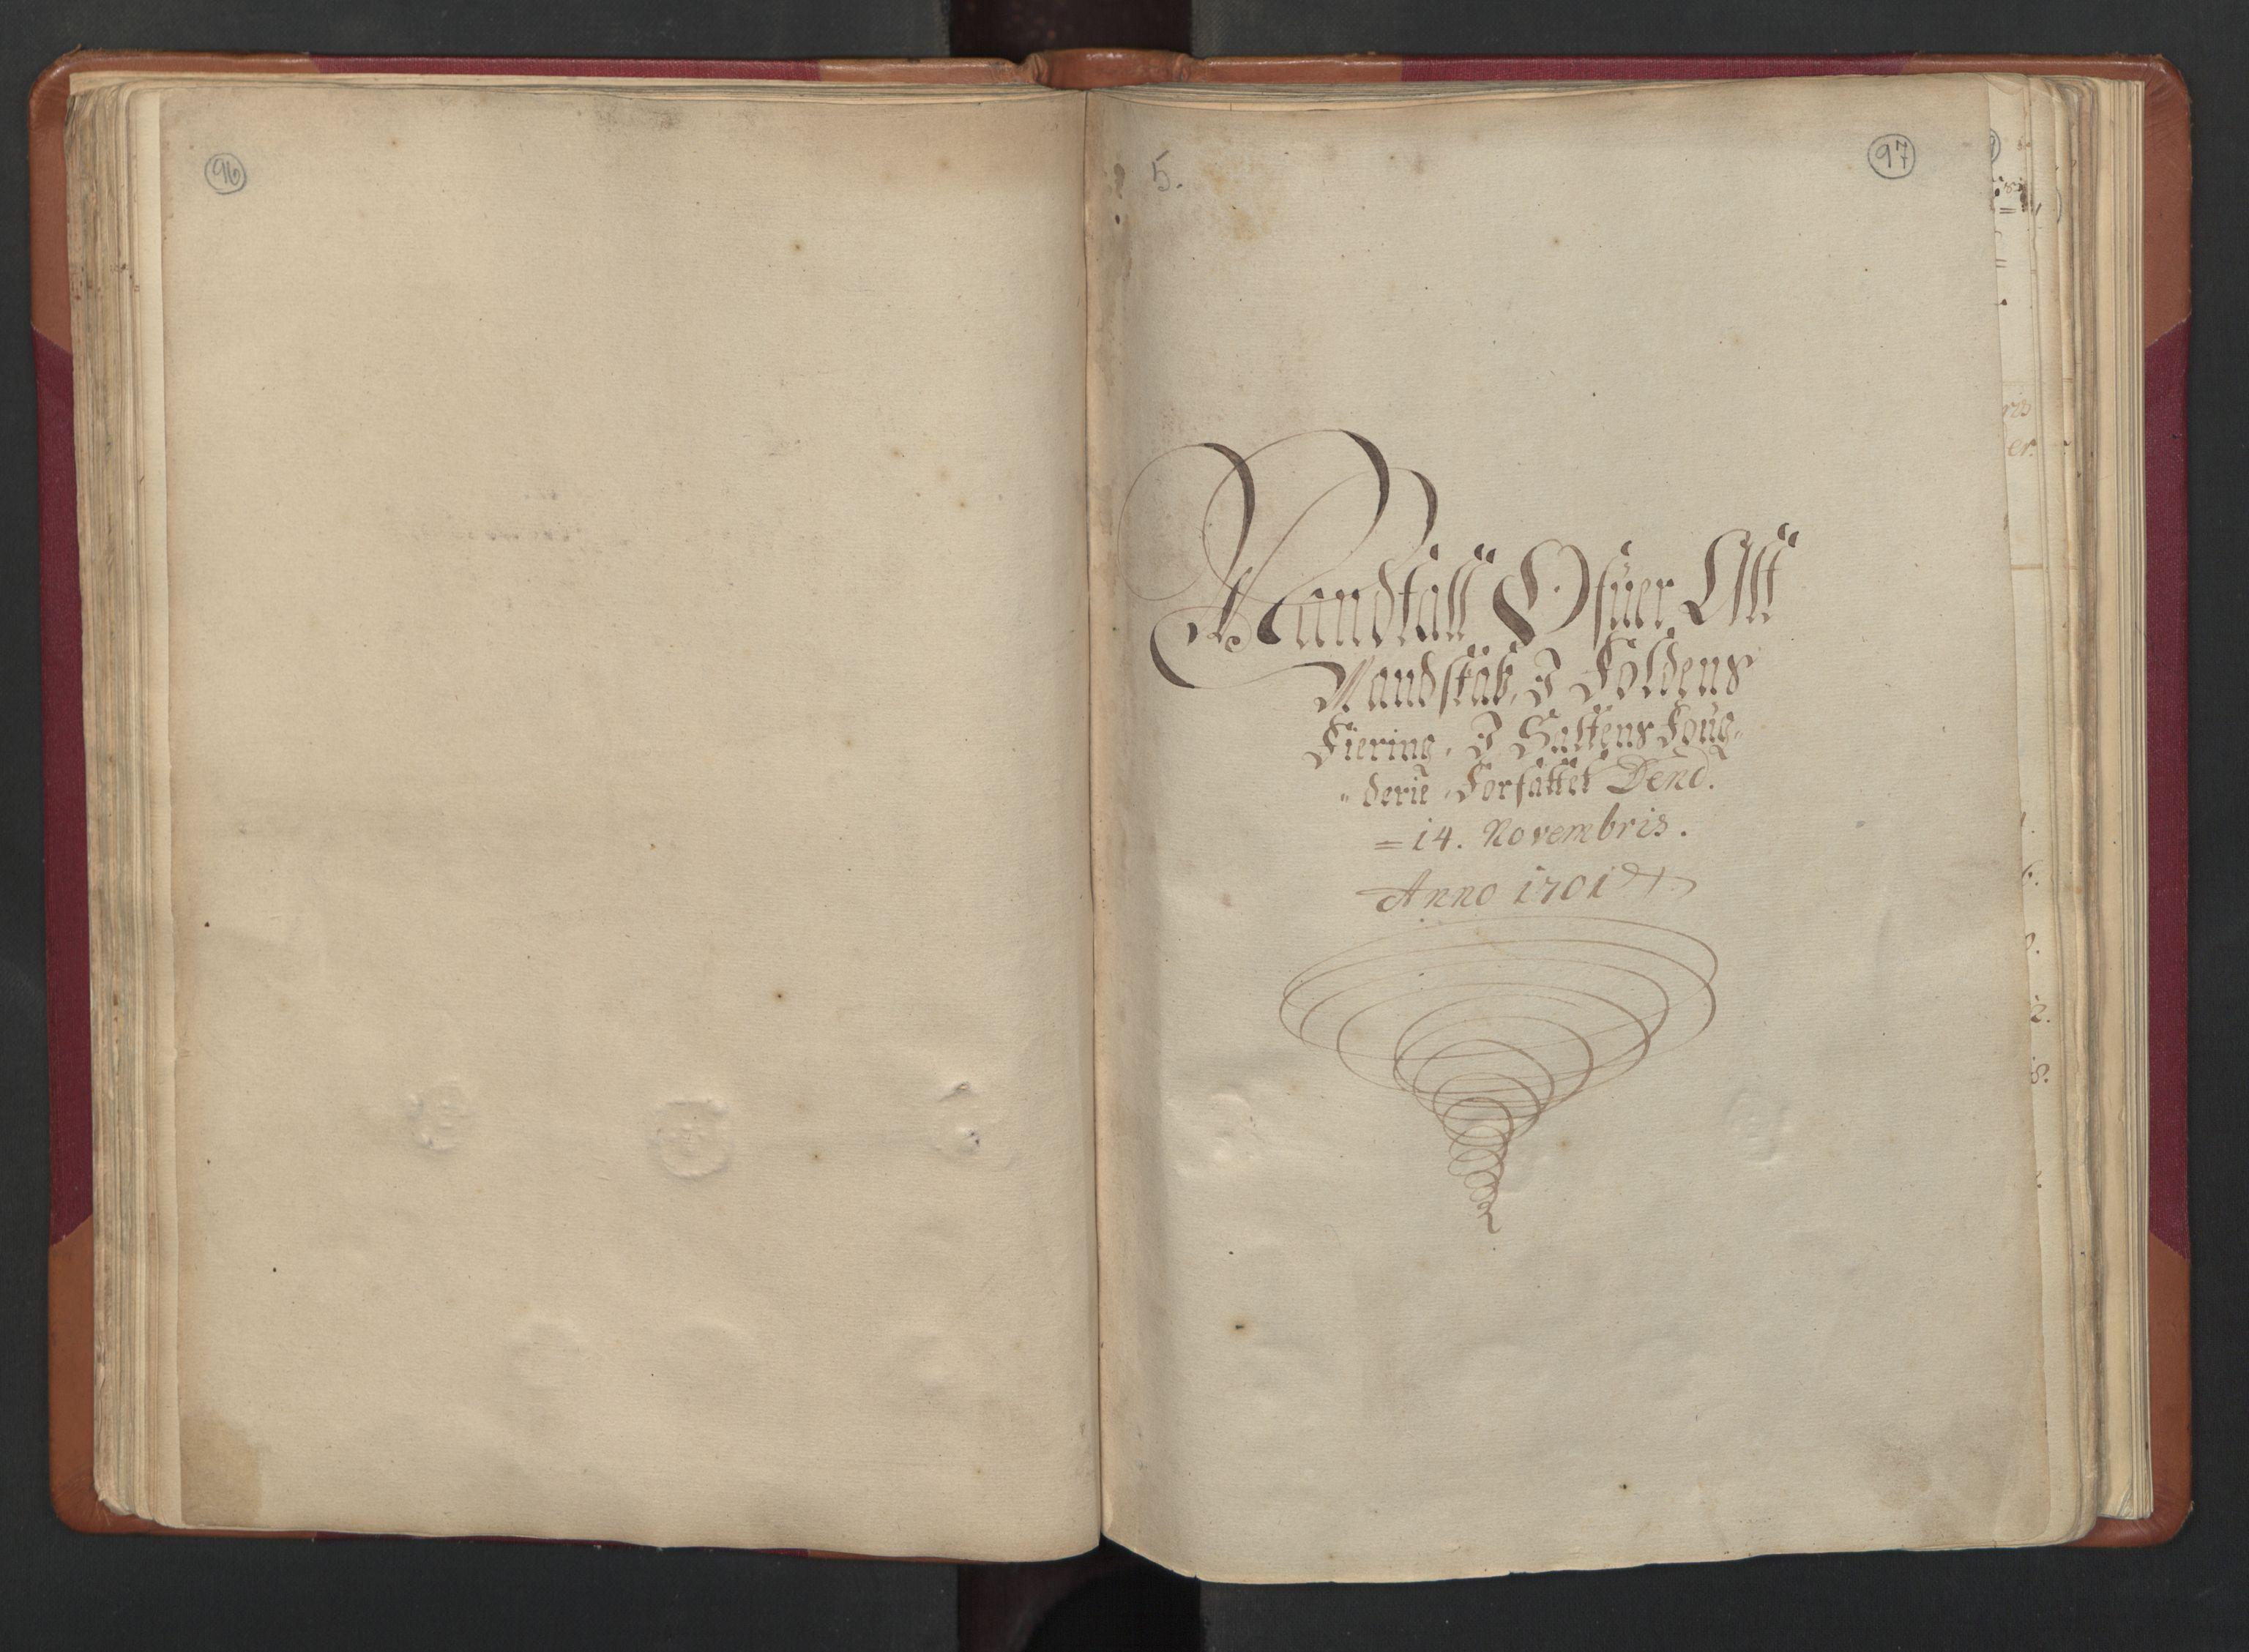 RA, Census (manntall) 1701, no. 17: Salten fogderi, 1701, p. 96-97